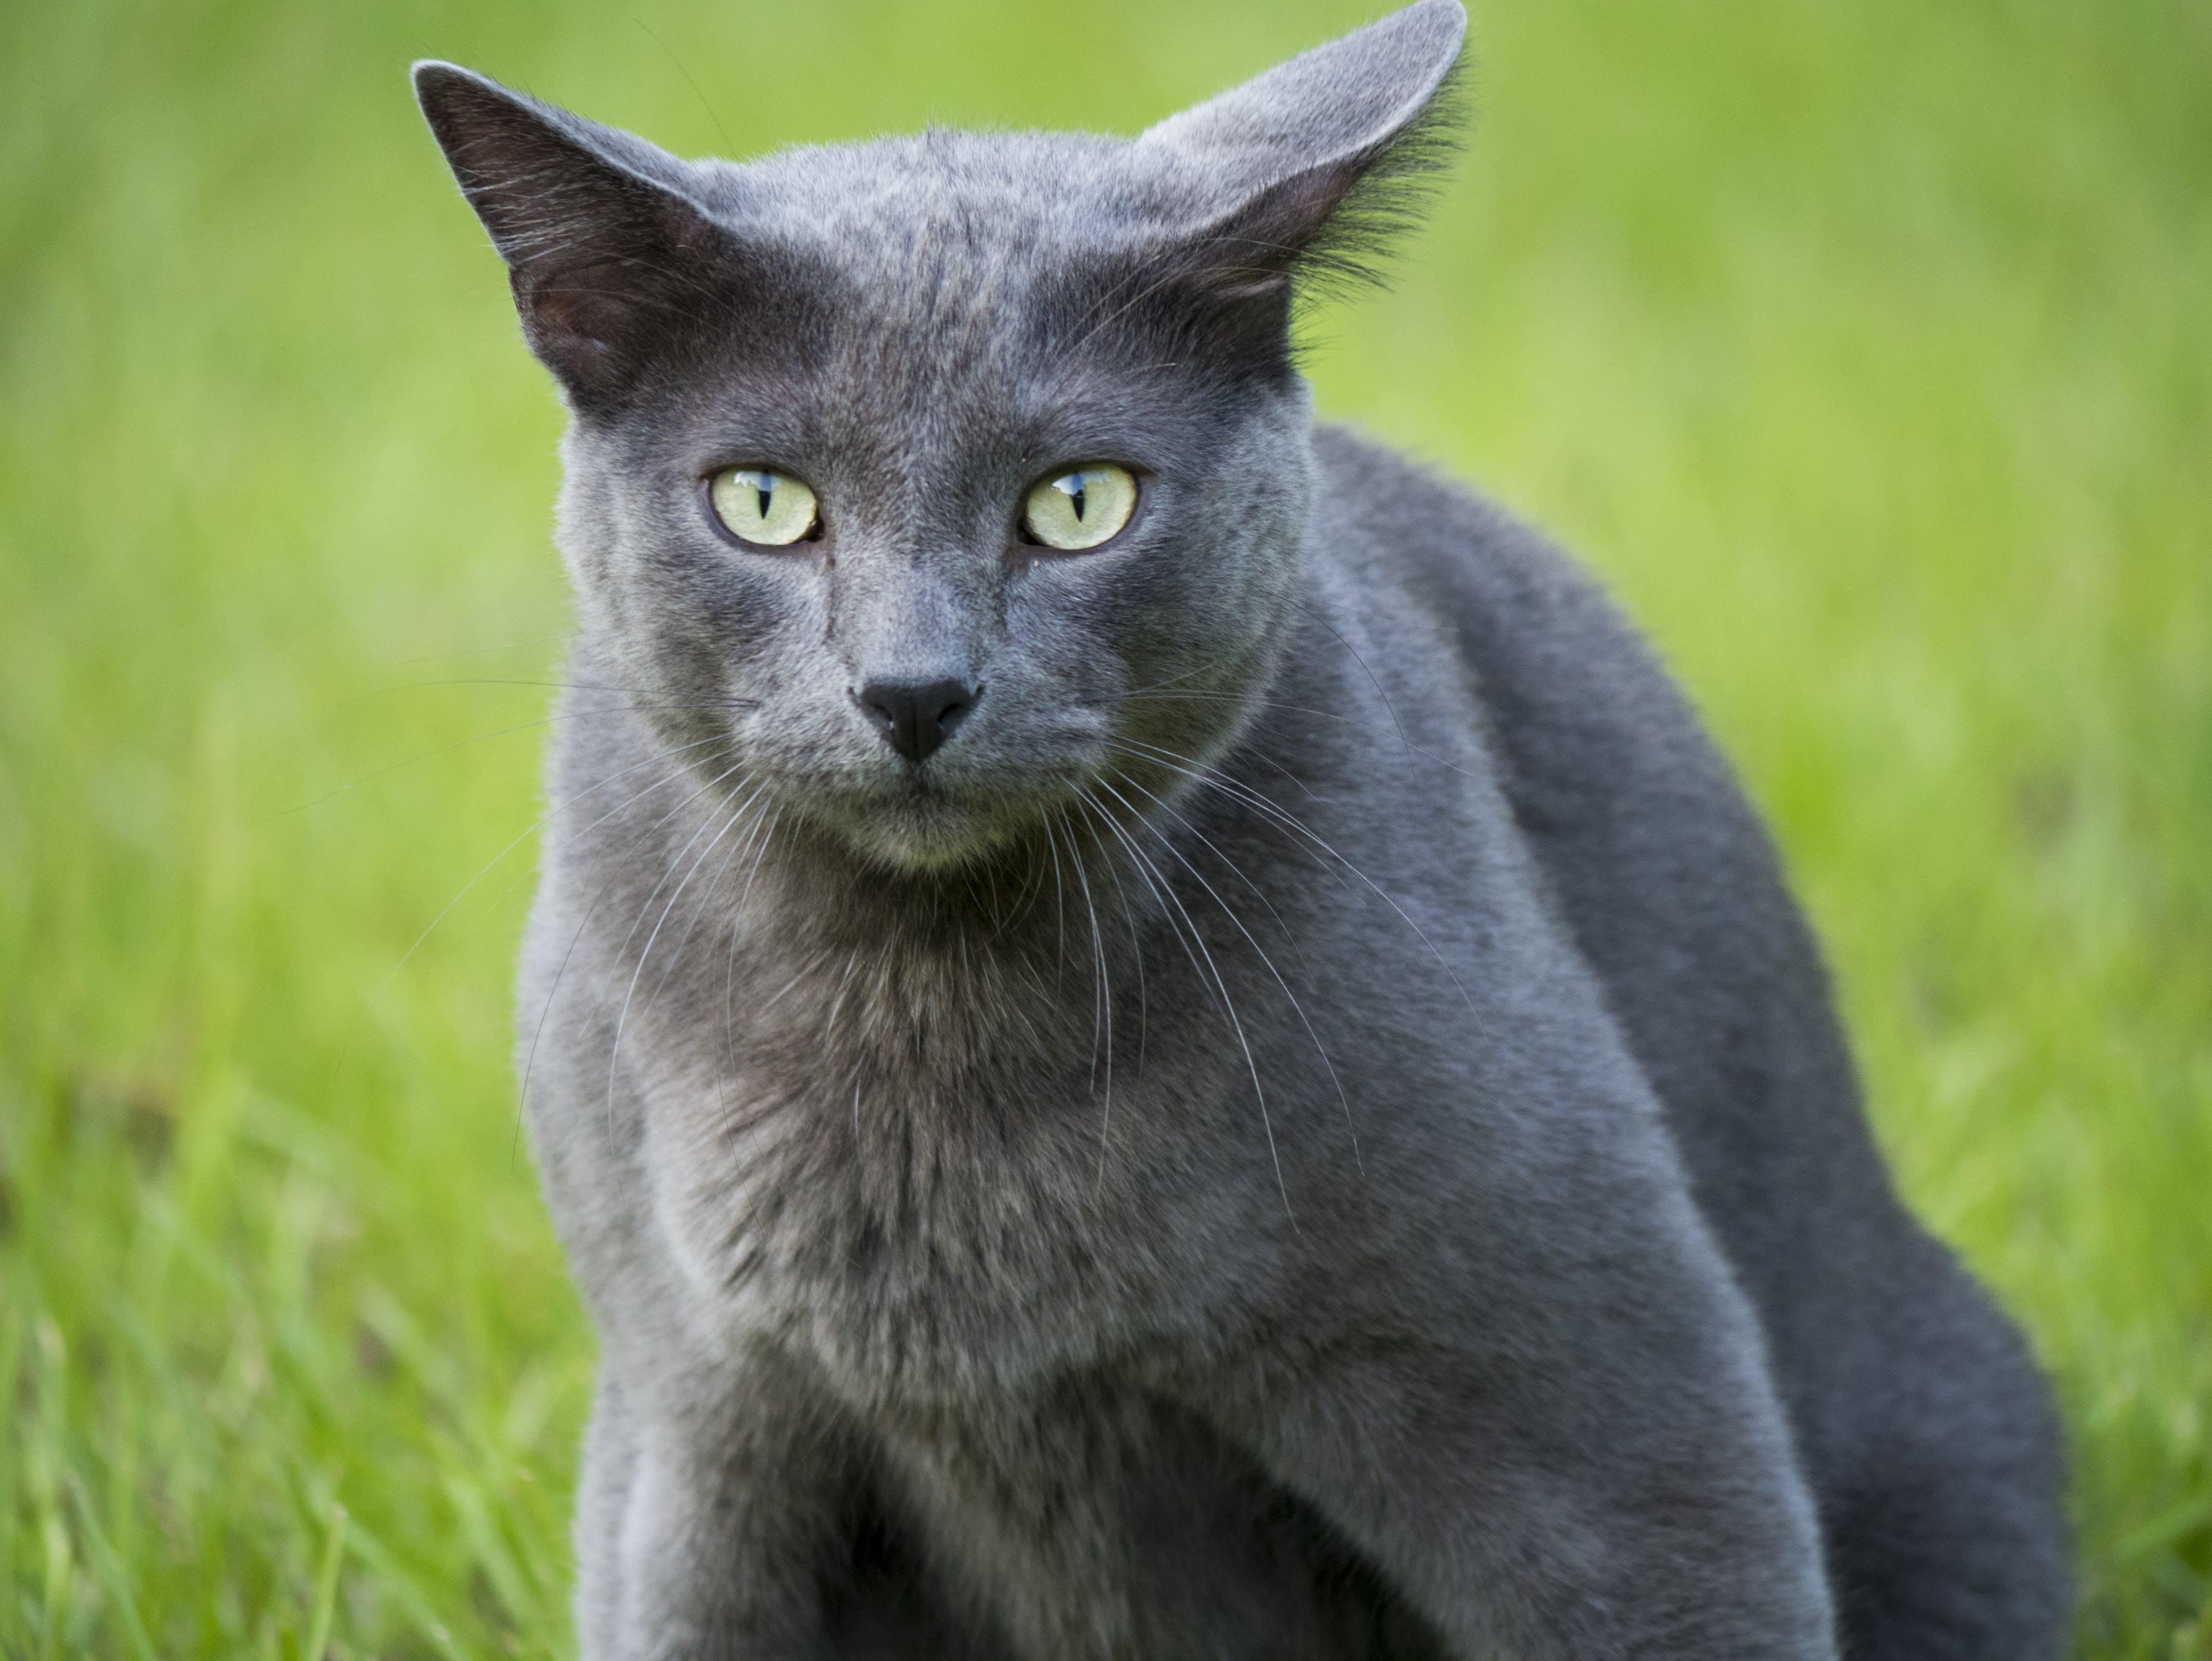 Gratis stockfoto met beesten, g85, grijze kat, huisdieren